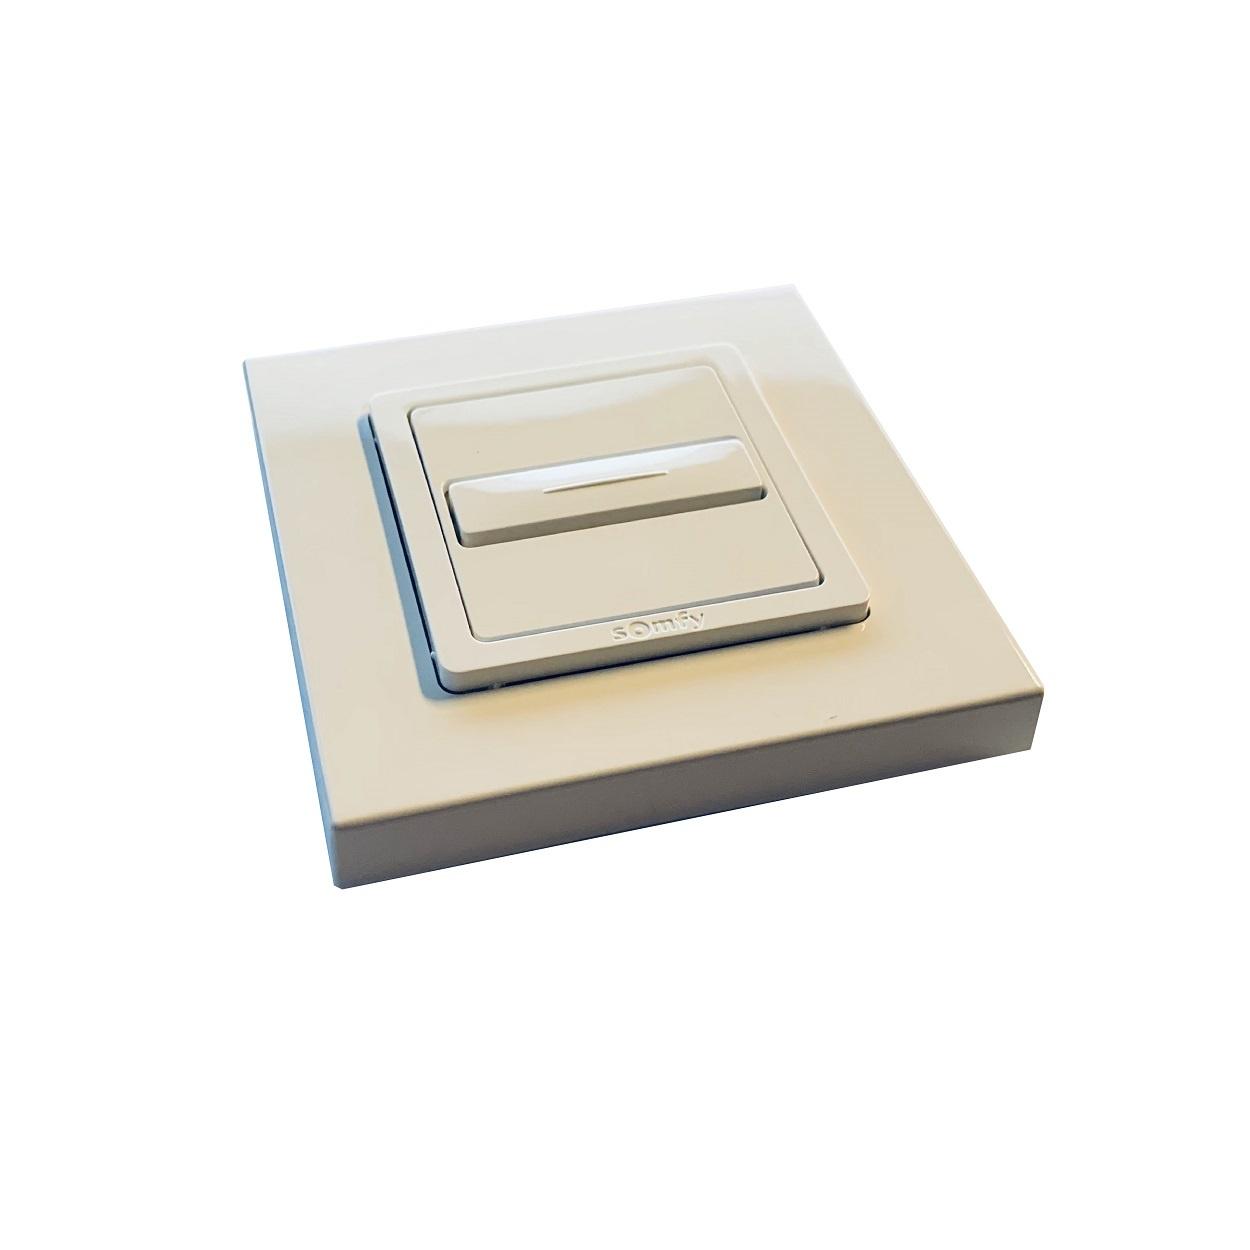 Somfy Inbouw drukknop Smoove Uno met automatisch nulpunt